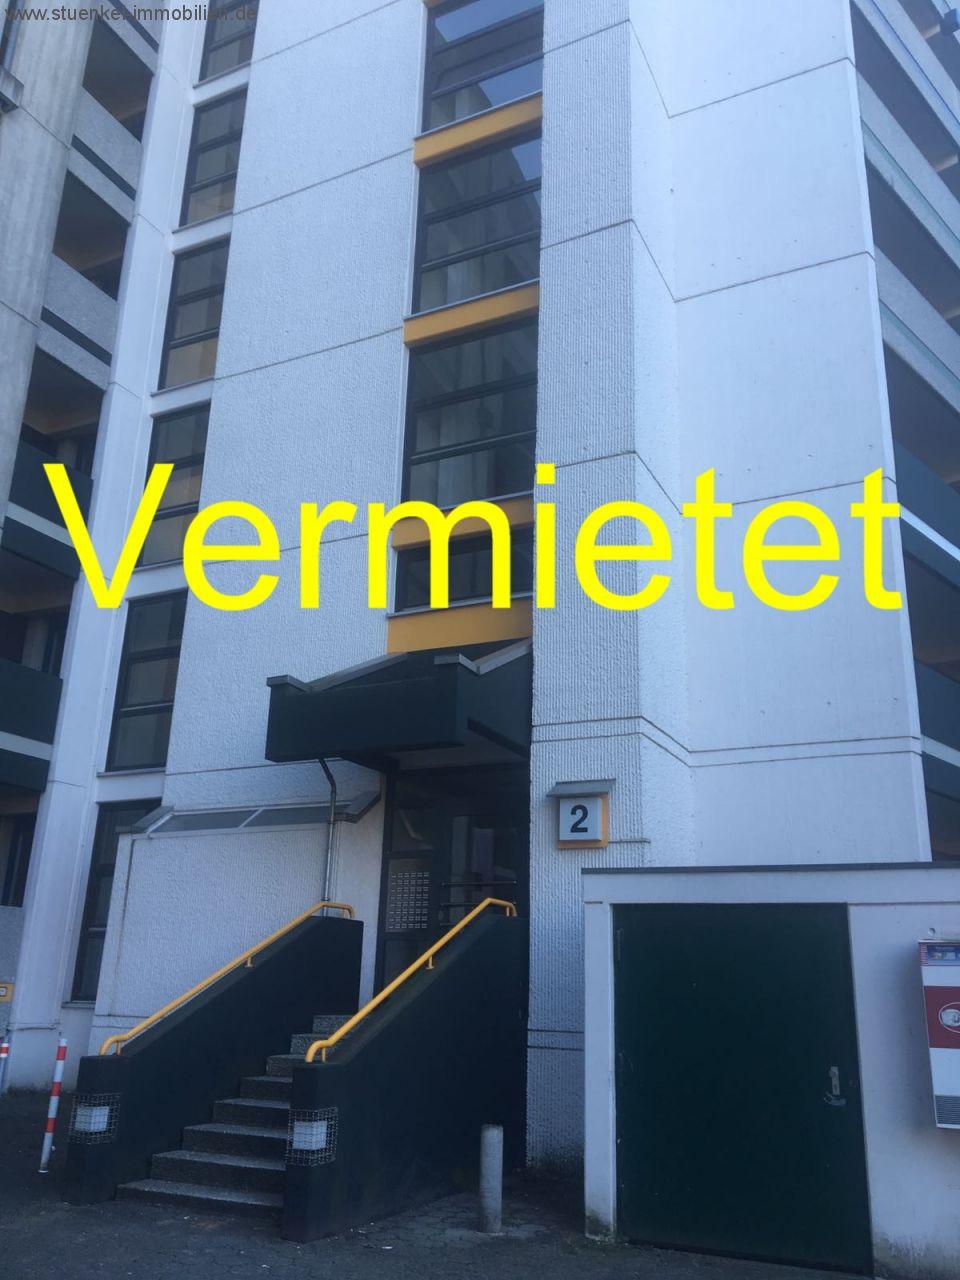 Full Size of Pantryküche Ikea Vermittelte Objekte Hannover Mblierte Ein Zimmer Whg Mit Küche Kaufen Sofa Schlaffunktion Miniküche Kühlschrank Modulküche Kosten Betten Wohnzimmer Pantryküche Ikea